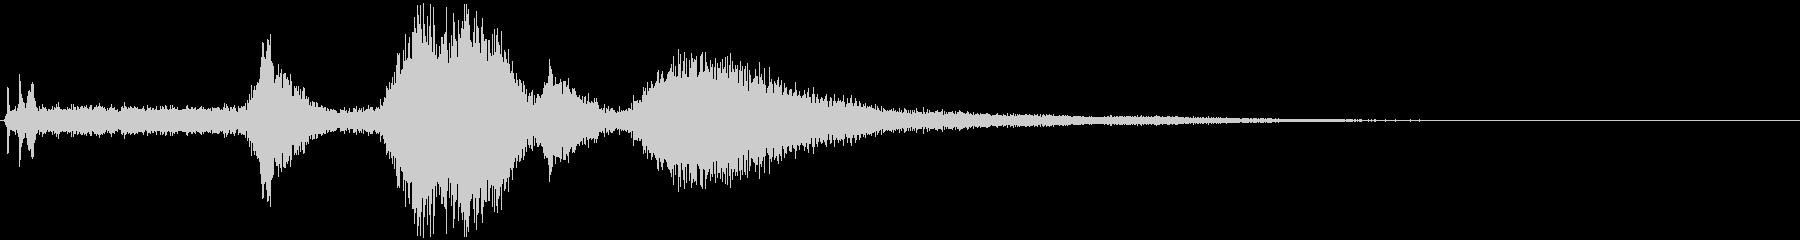 ハンビー:スロースタート、回転数、...の未再生の波形